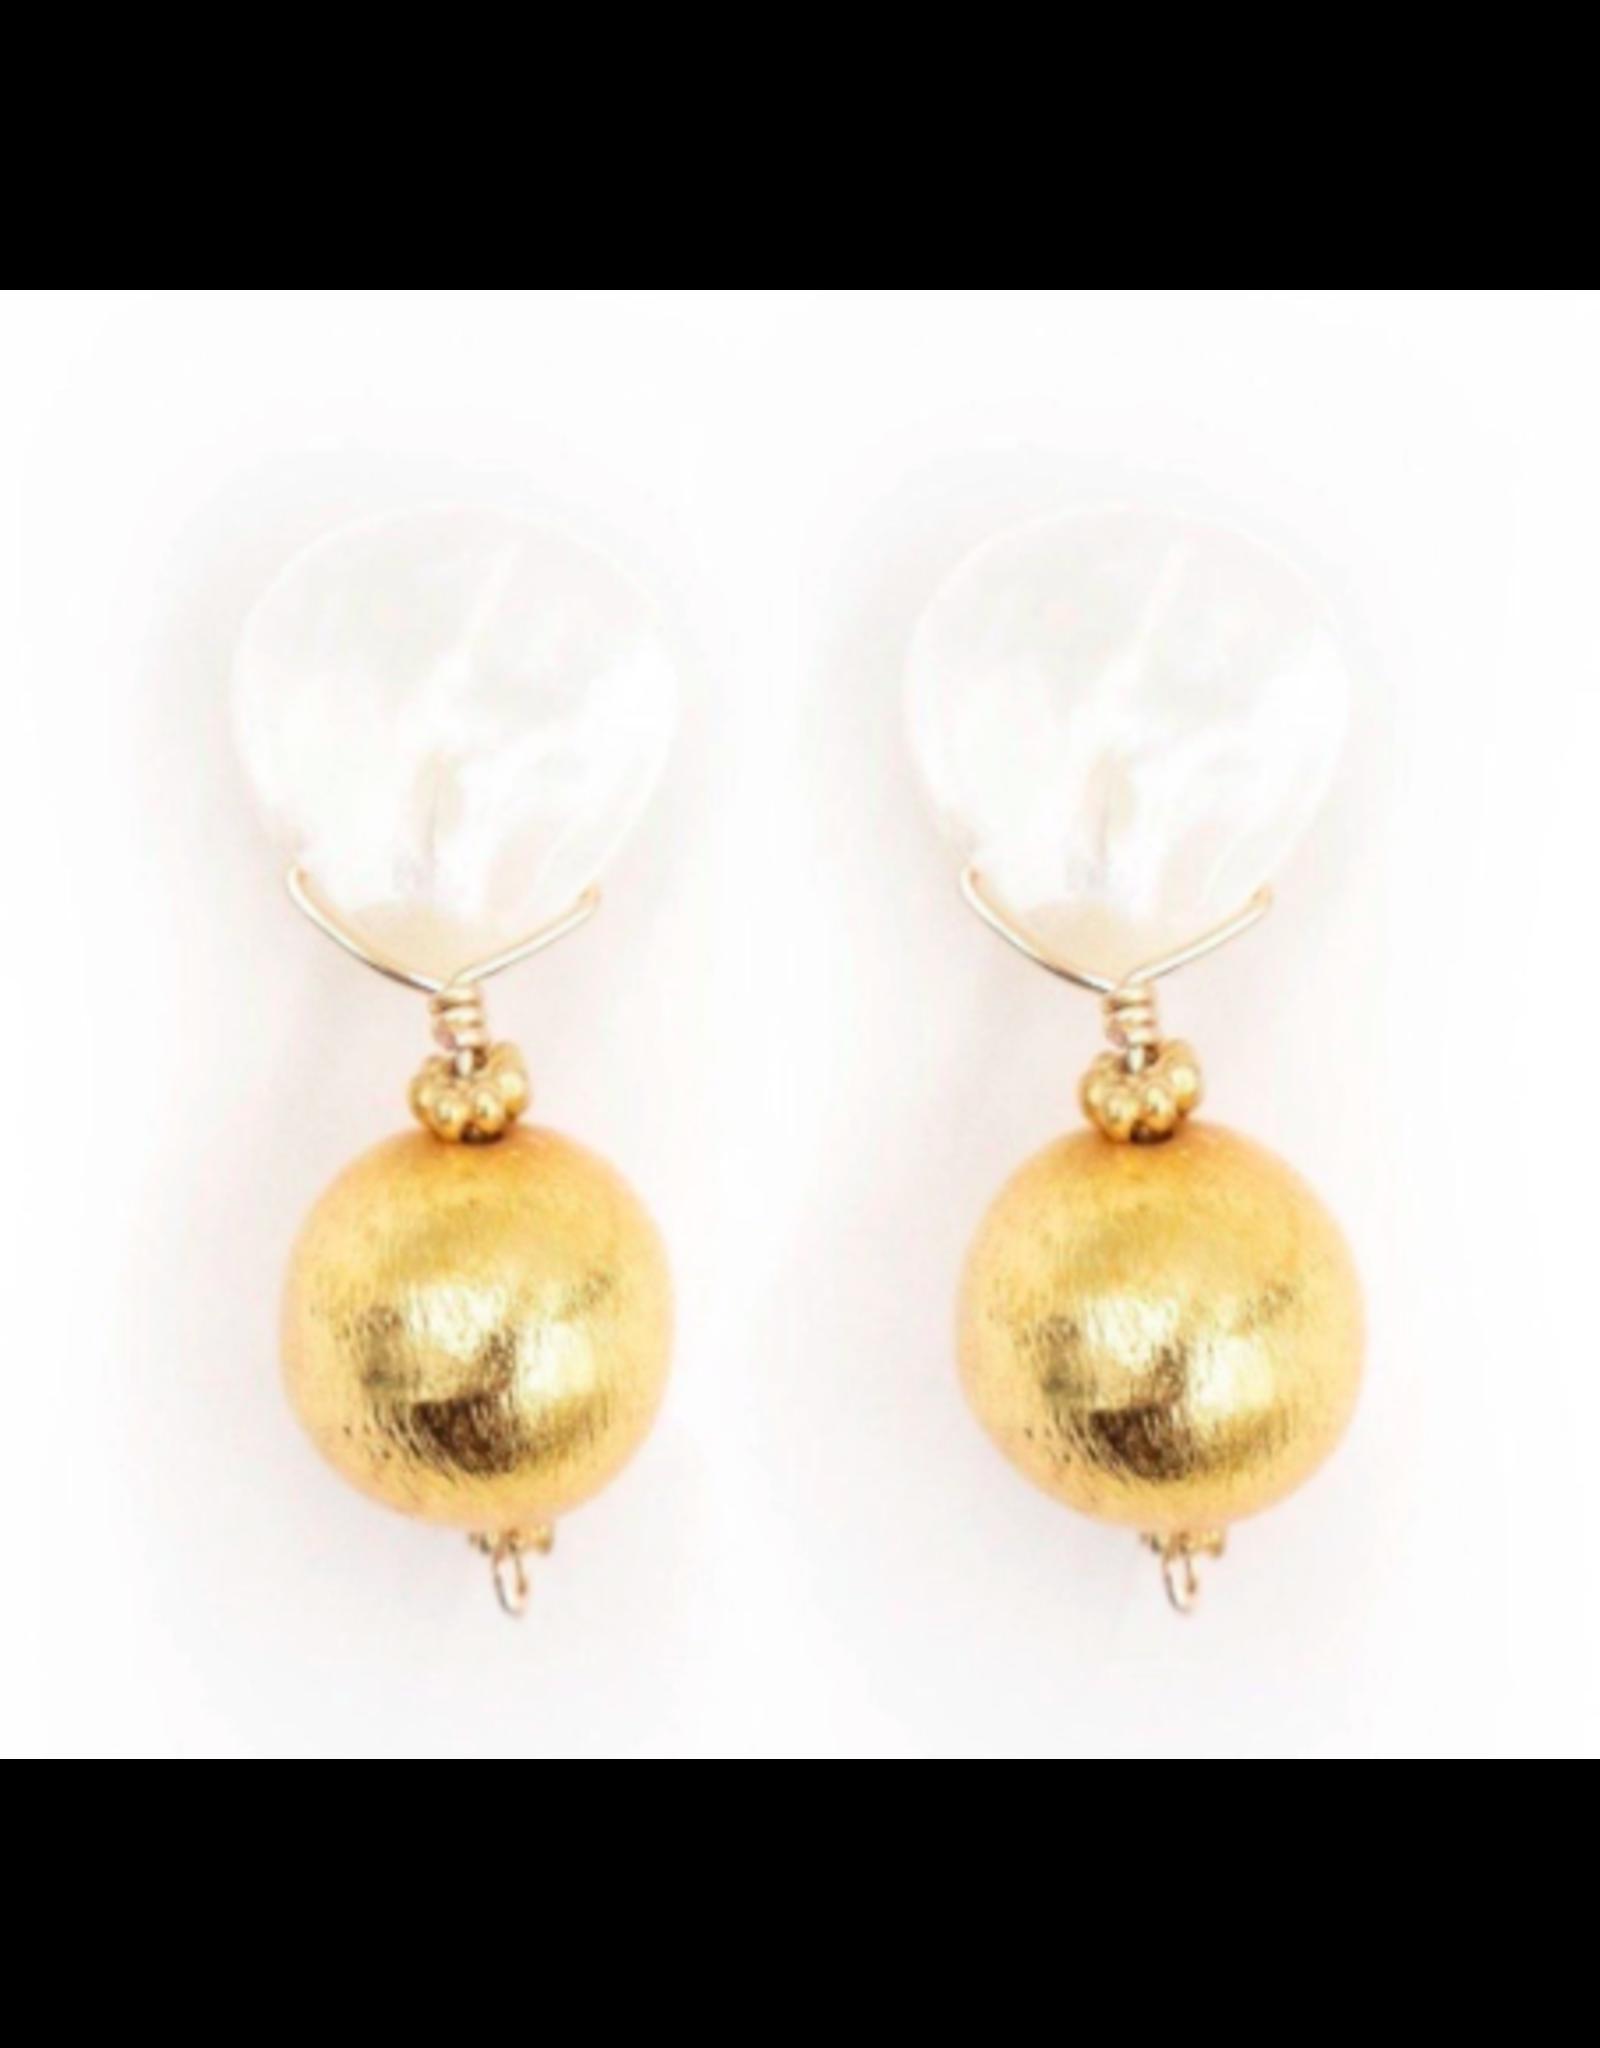 Hazen & Co Claire Earring in Gold by Hazen & Co